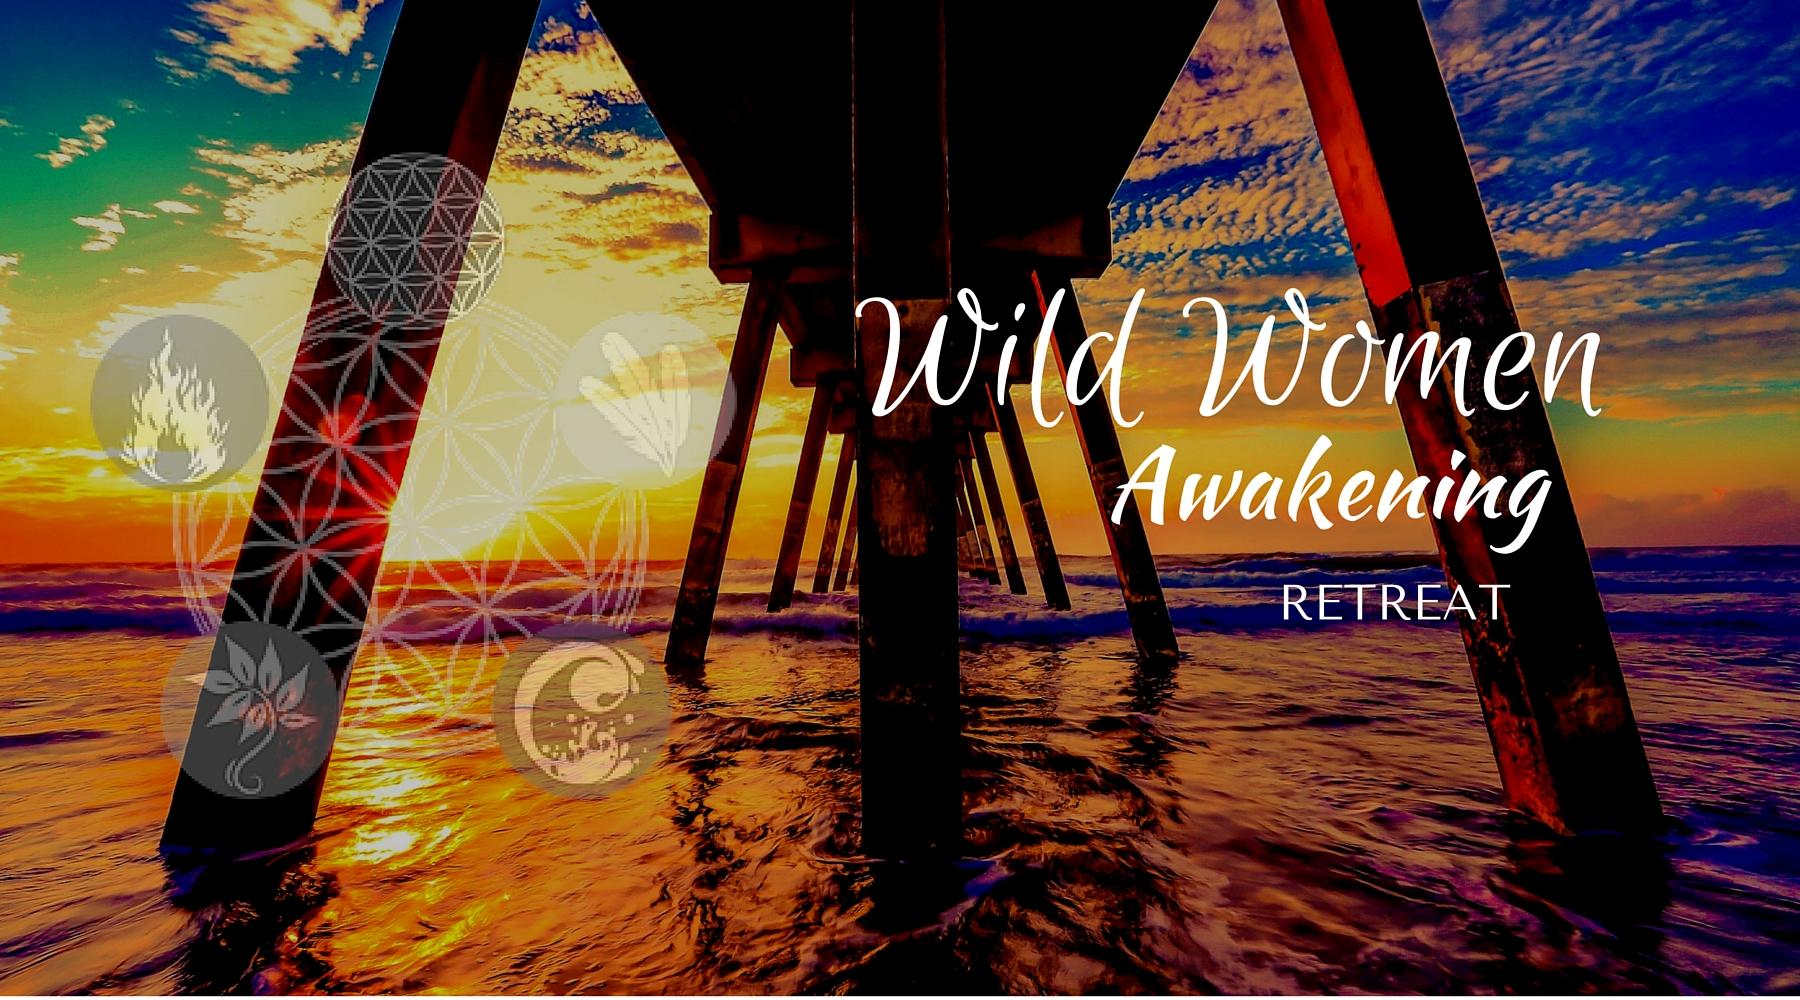 Wild Women Awakening Retreat Ad